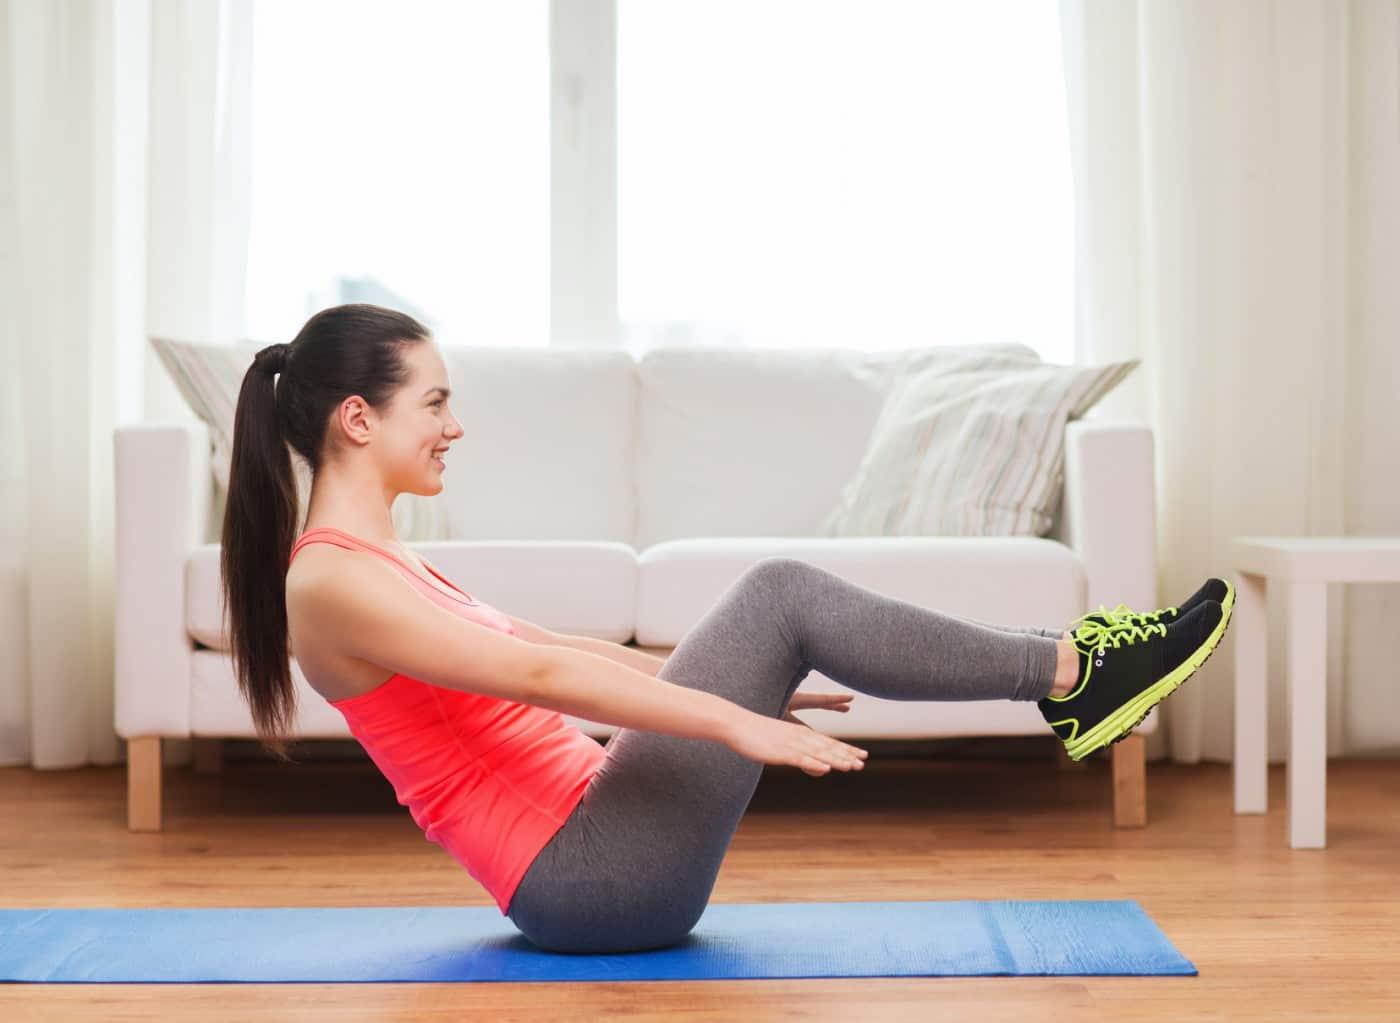 Ejercicios cardio en casa sin excusas - Ejercicios cardiovasculares en casa ...